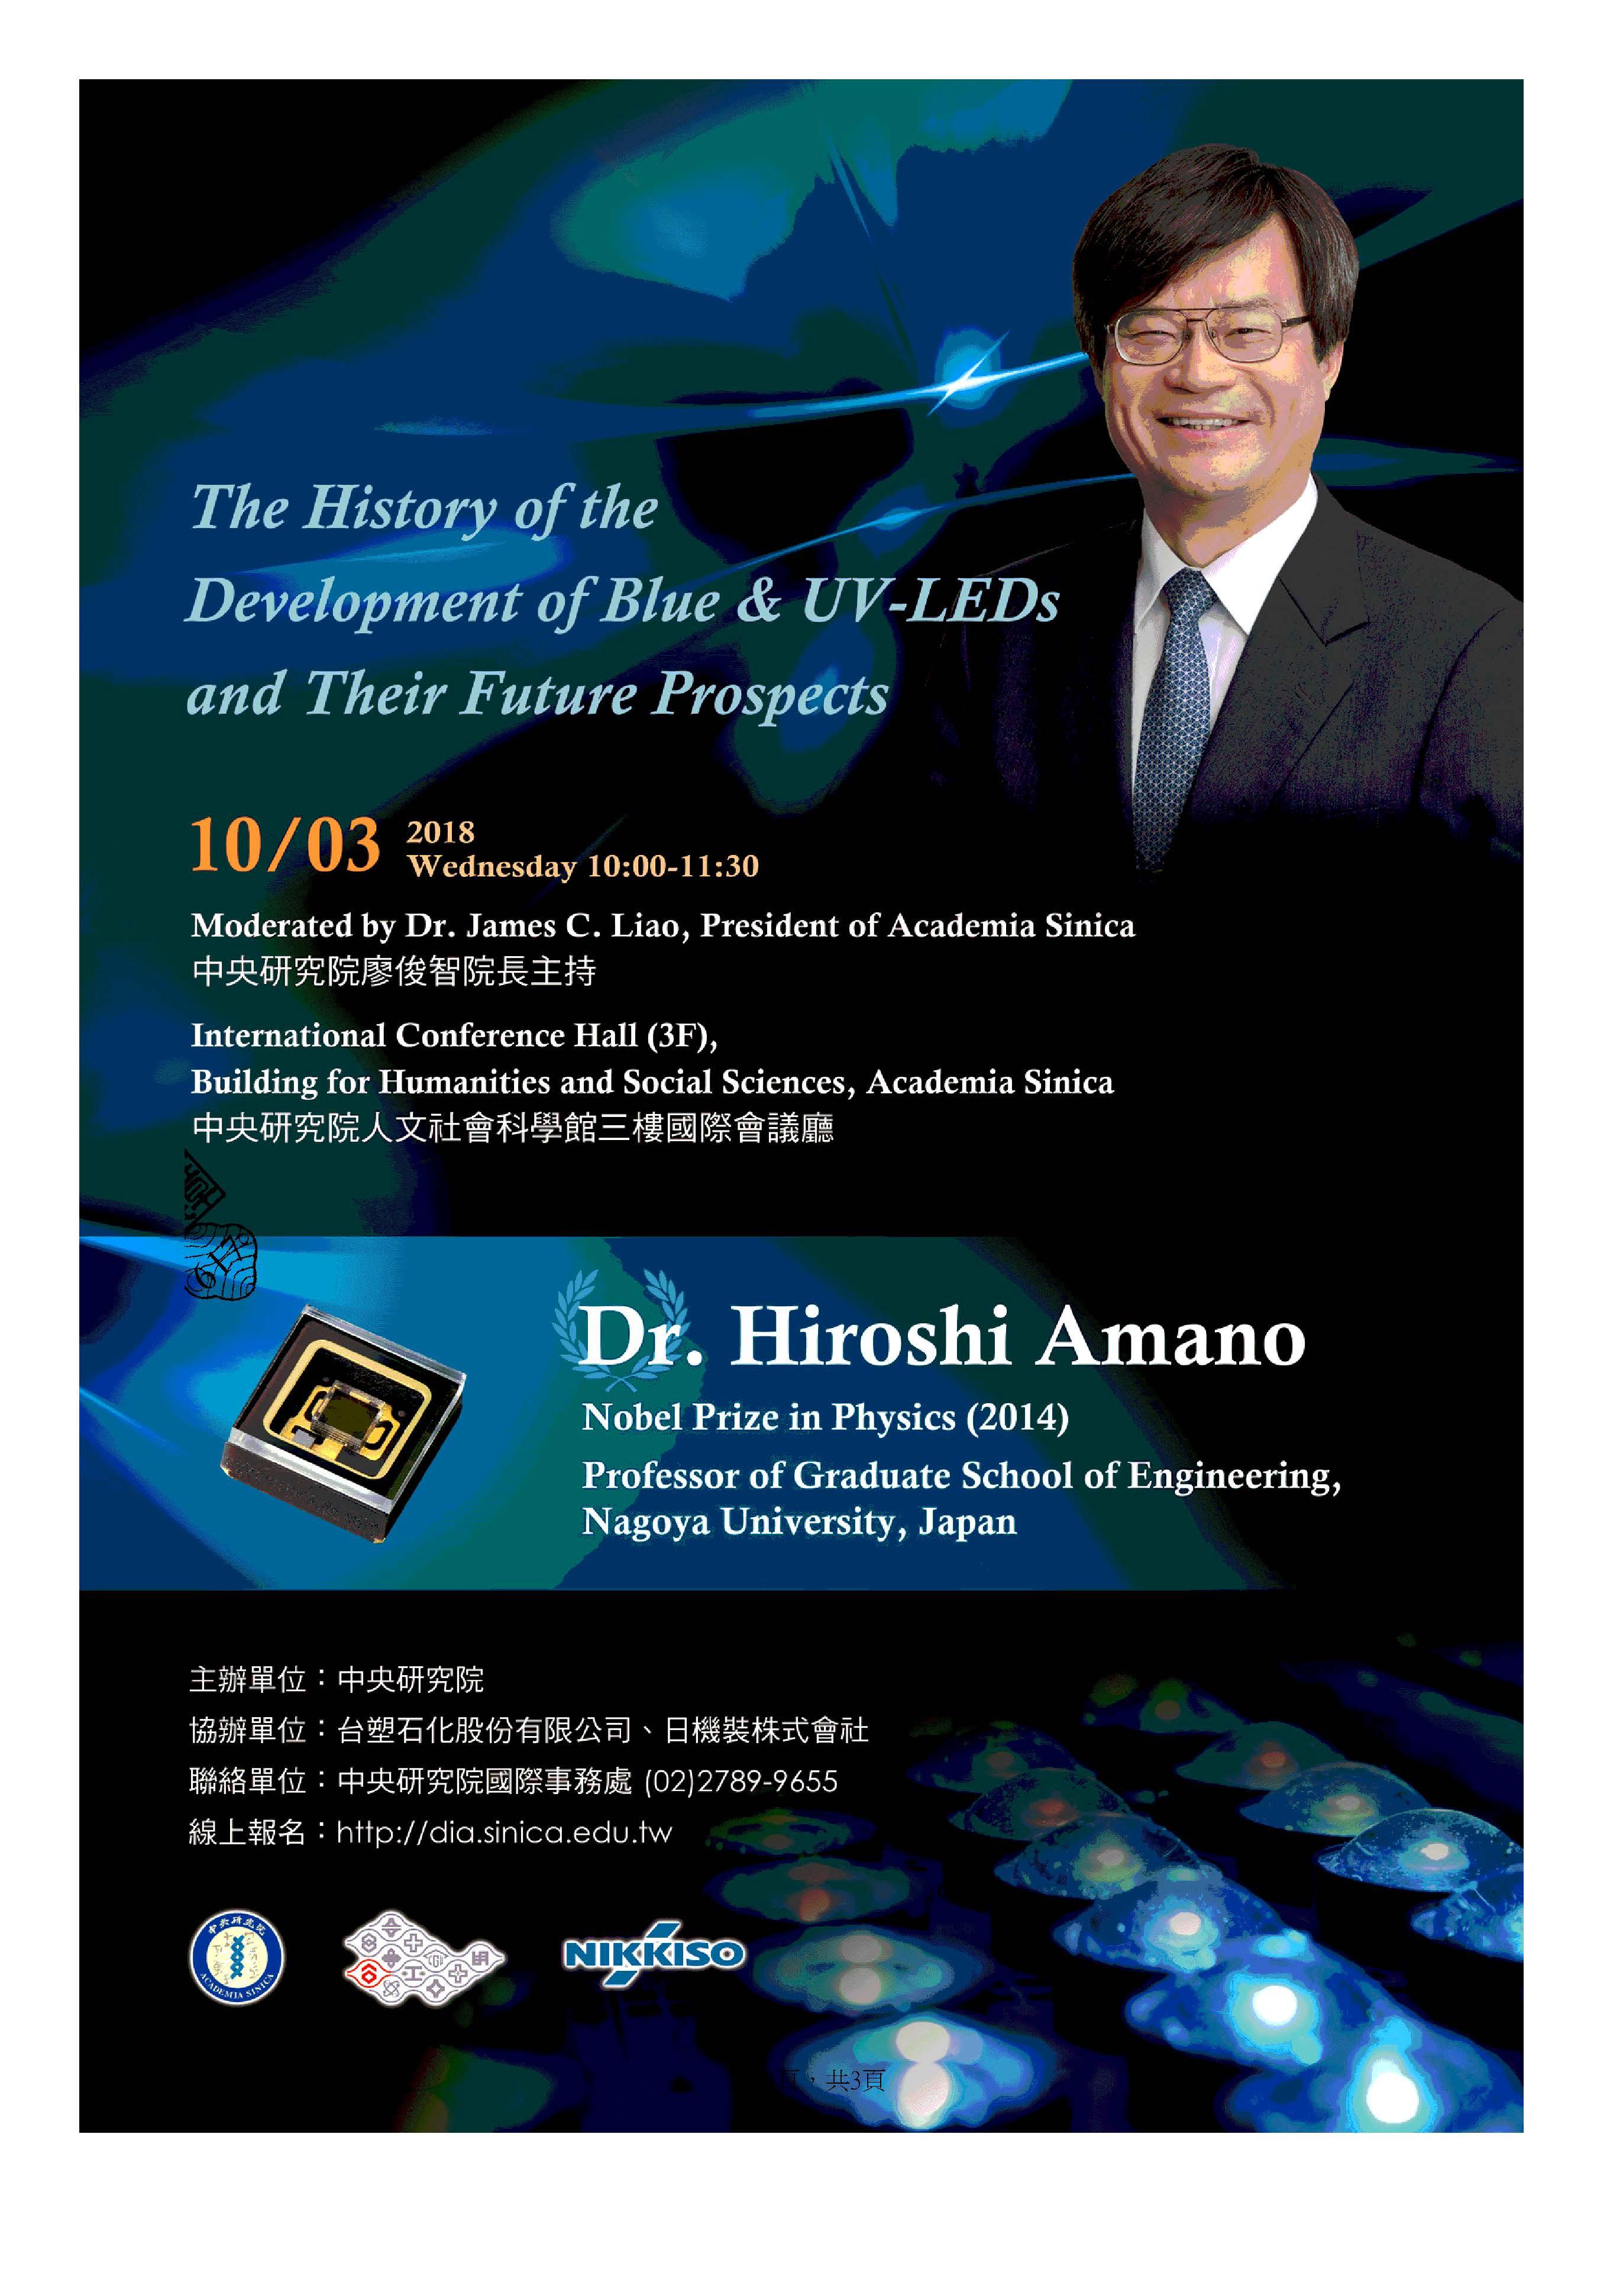 中研院邀請諾貝爾物理獎得主天野浩演講訊息